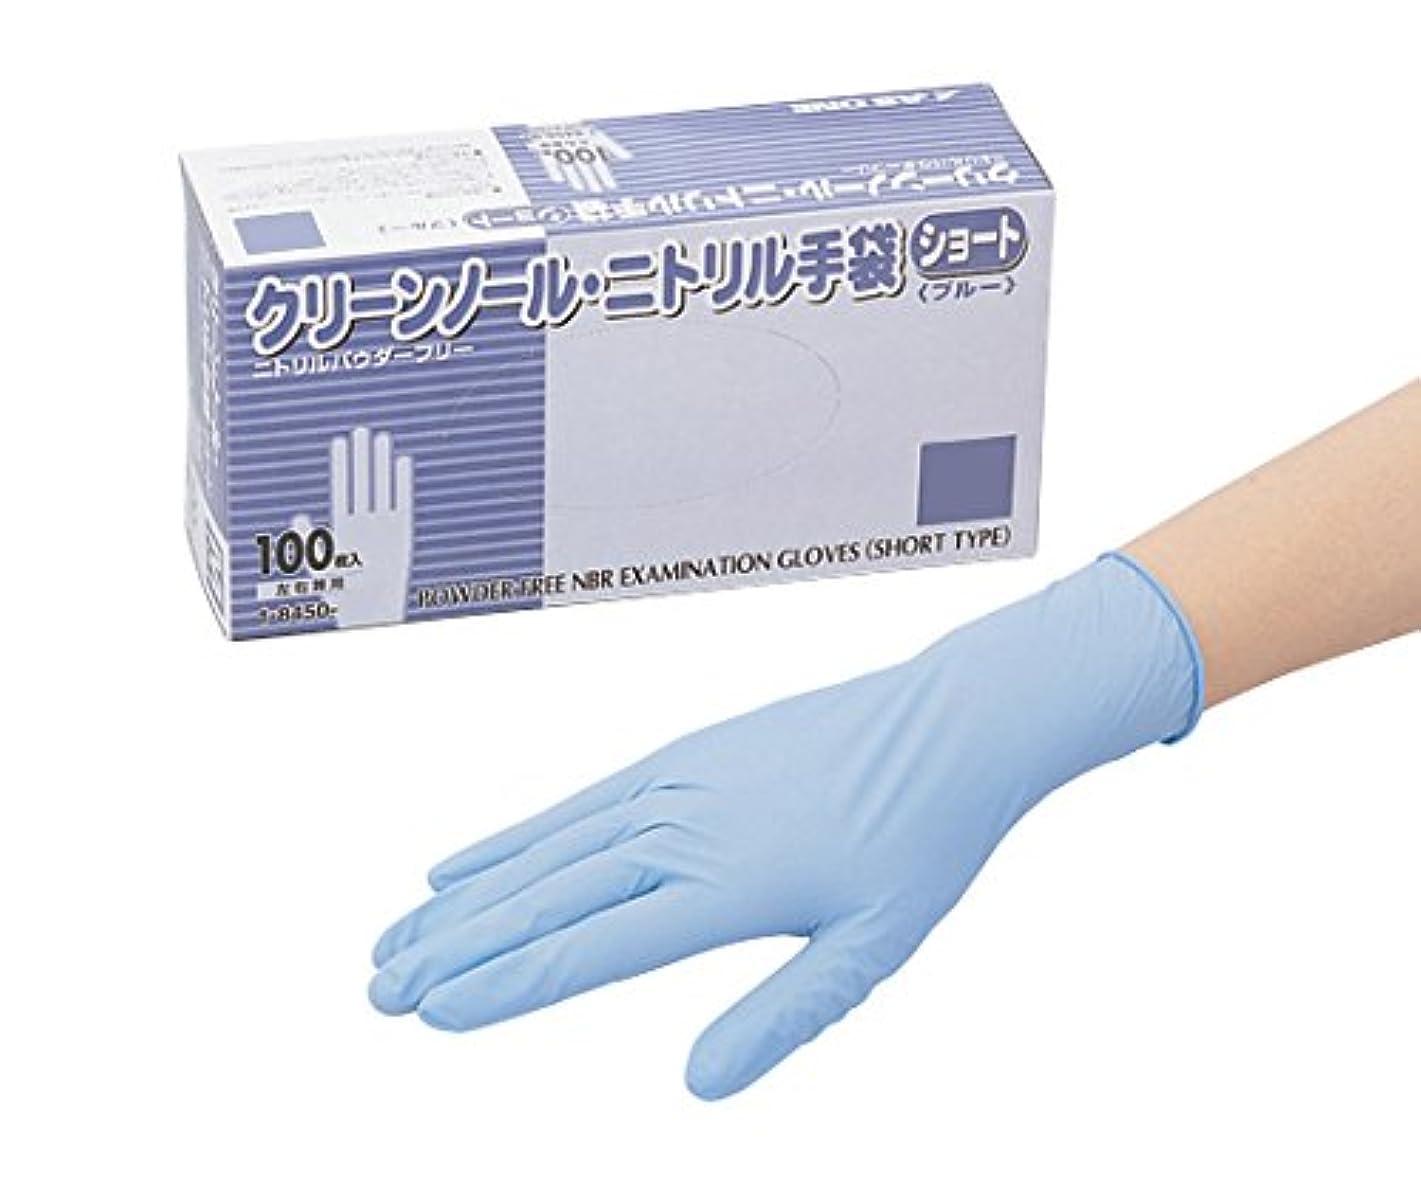 アトム杖する必要があるアズワン1-8450-52クリーンノールニトリル手袋ショート(パウダーフリ-)ブルーM1000枚入